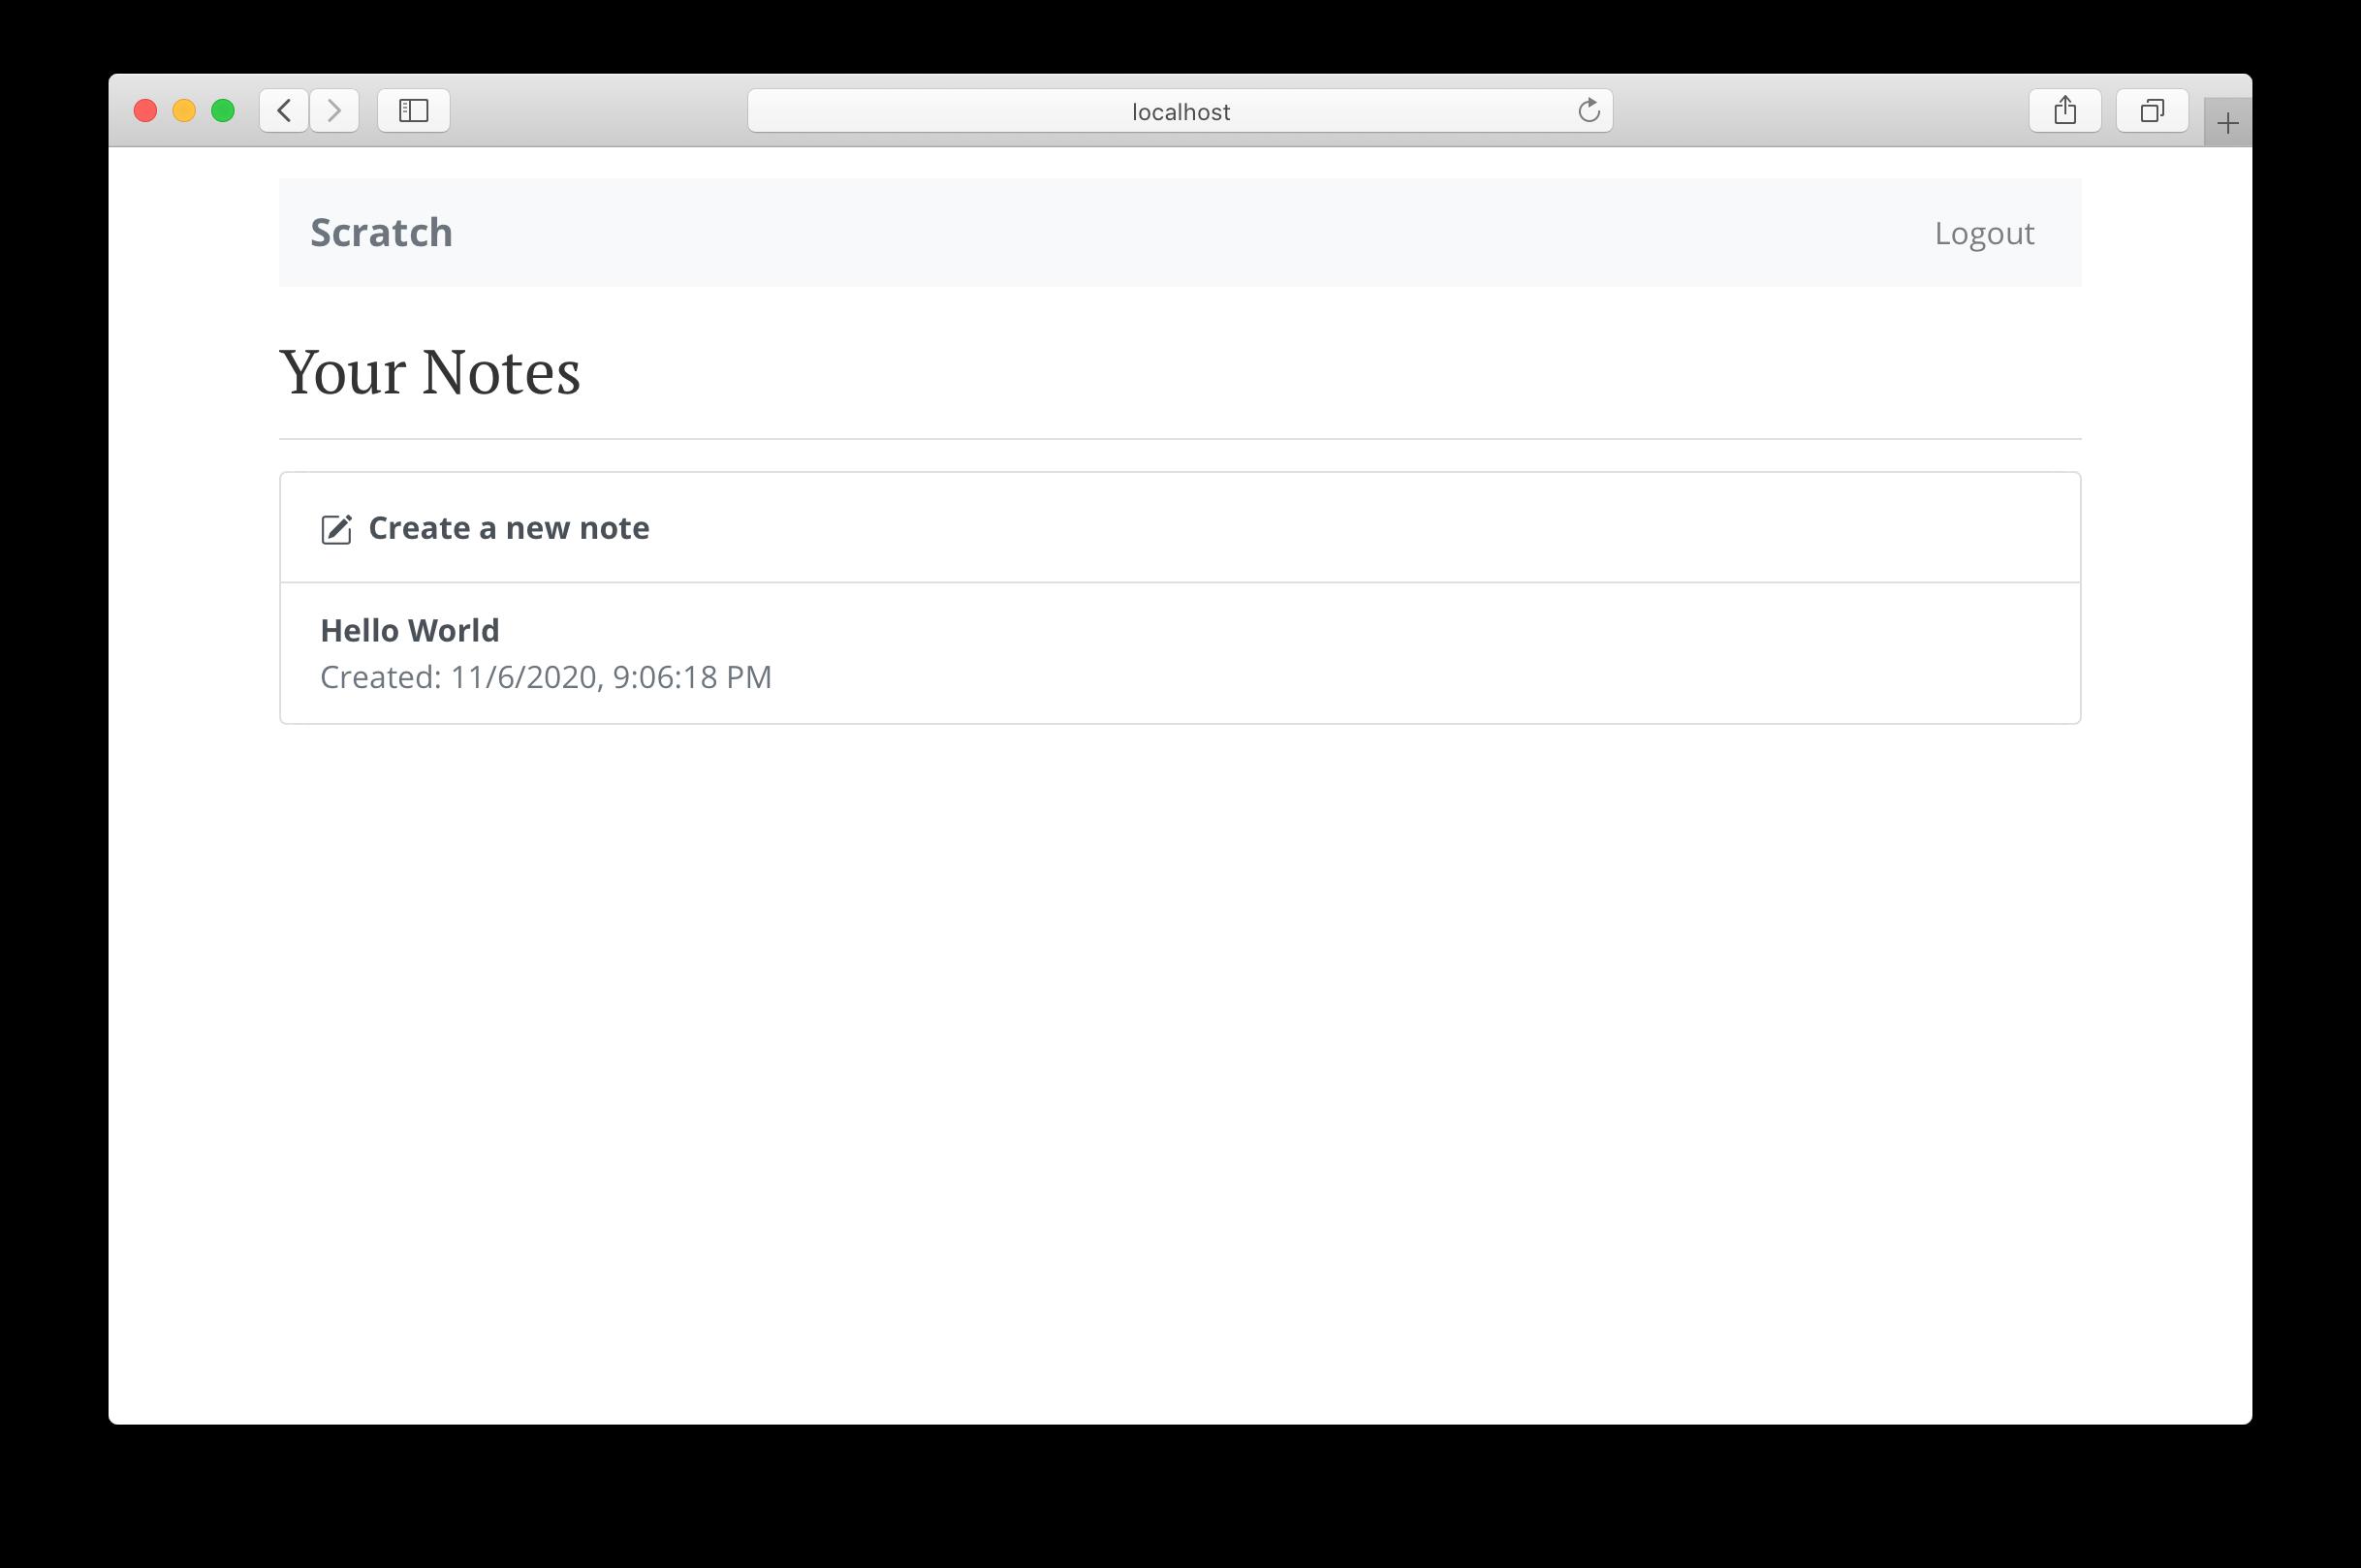 노트 목록의 홈페이지 화면